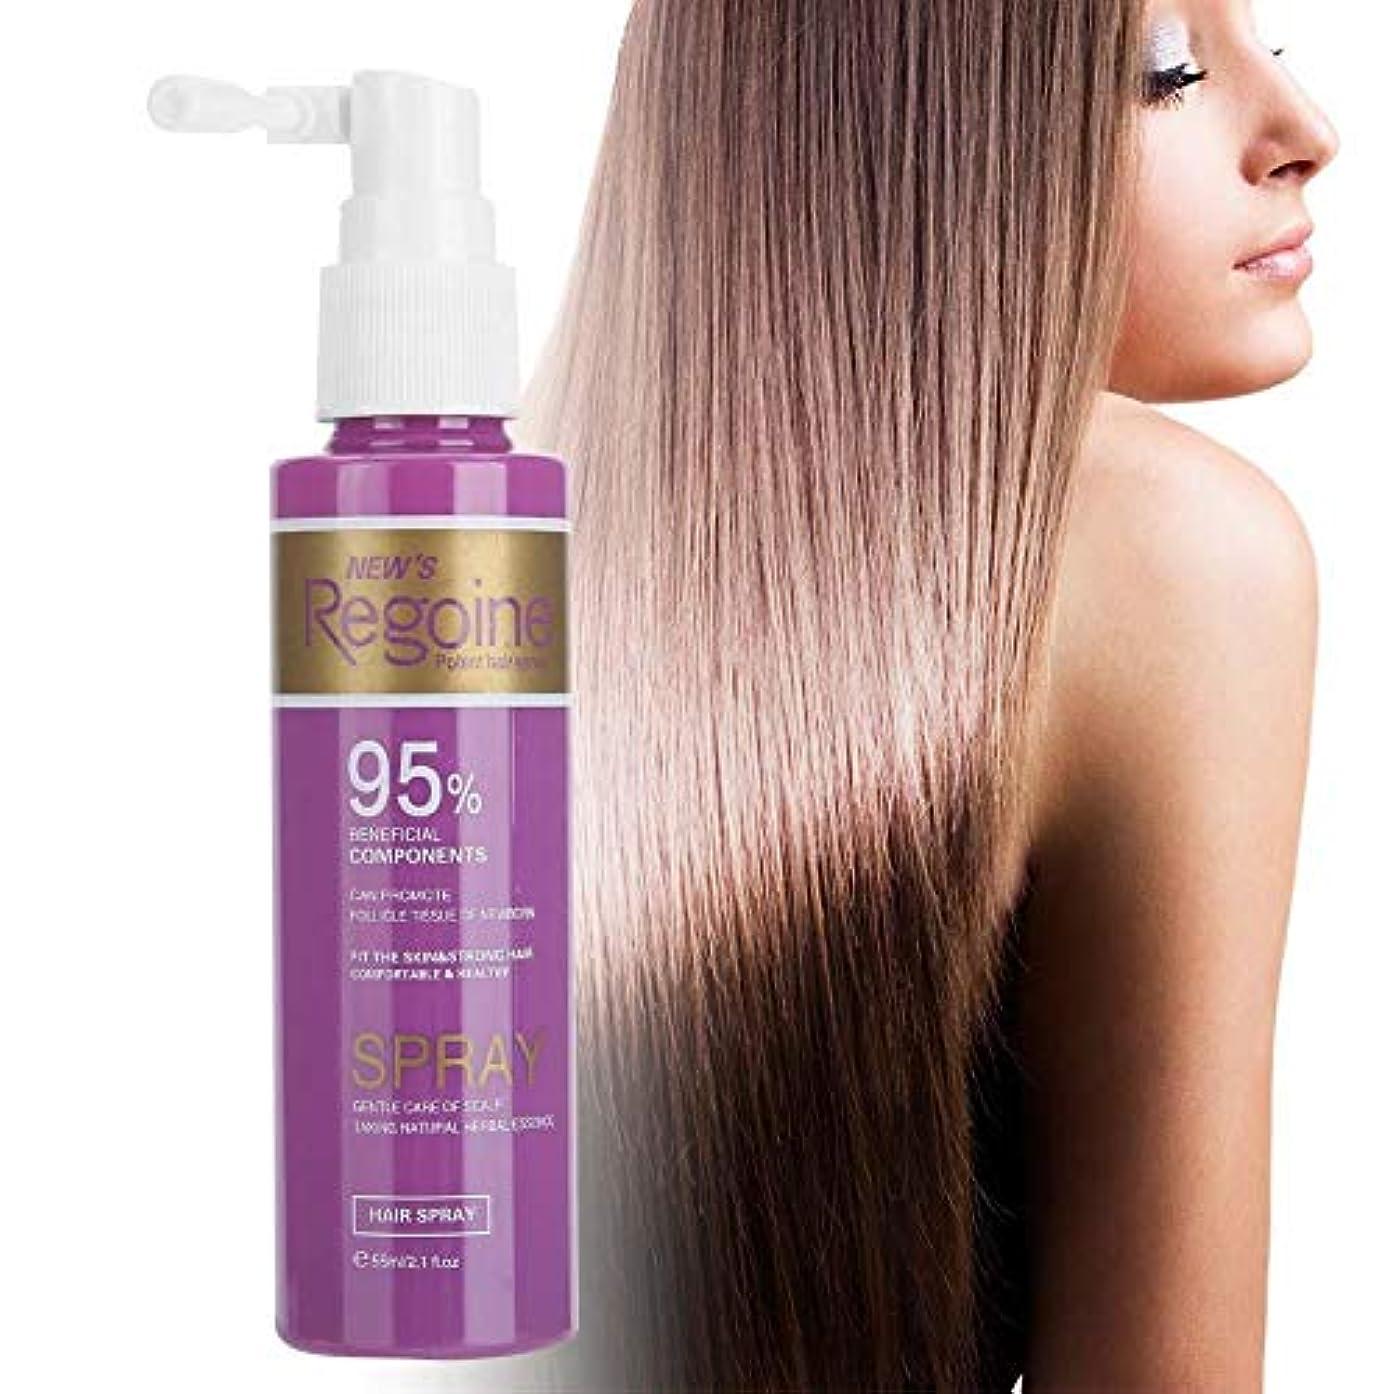 噴水皮肉な振り子育毛、育毛、育毛促進、育毛のための美容液薄毛増毛再生治療のための抗脱毛